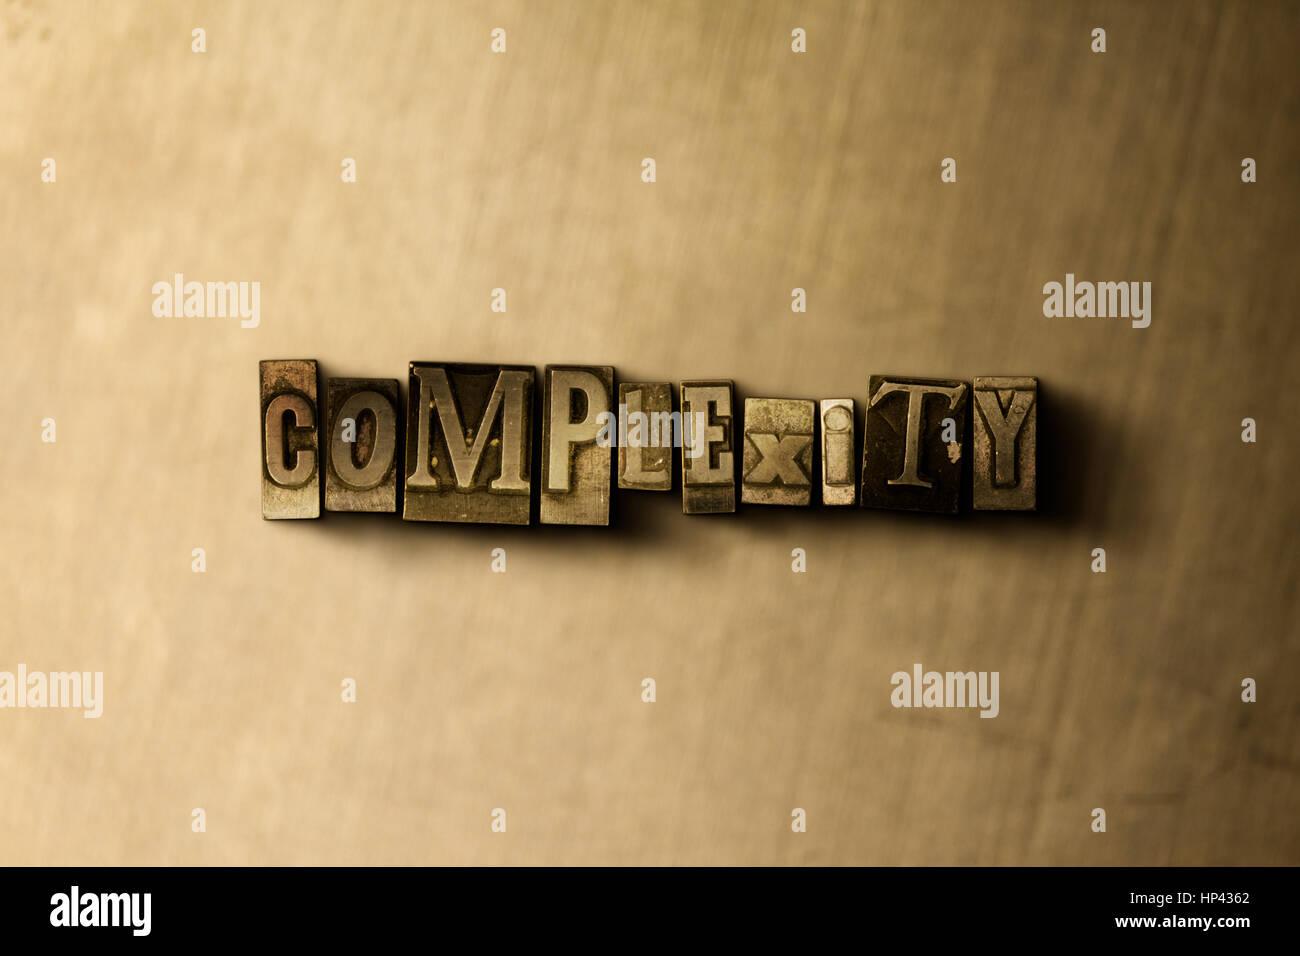 Complejidad - Cierre de sucio vintage tipografía palabra sobre metal como telón de fondo. Royalty free Imagen De Stock